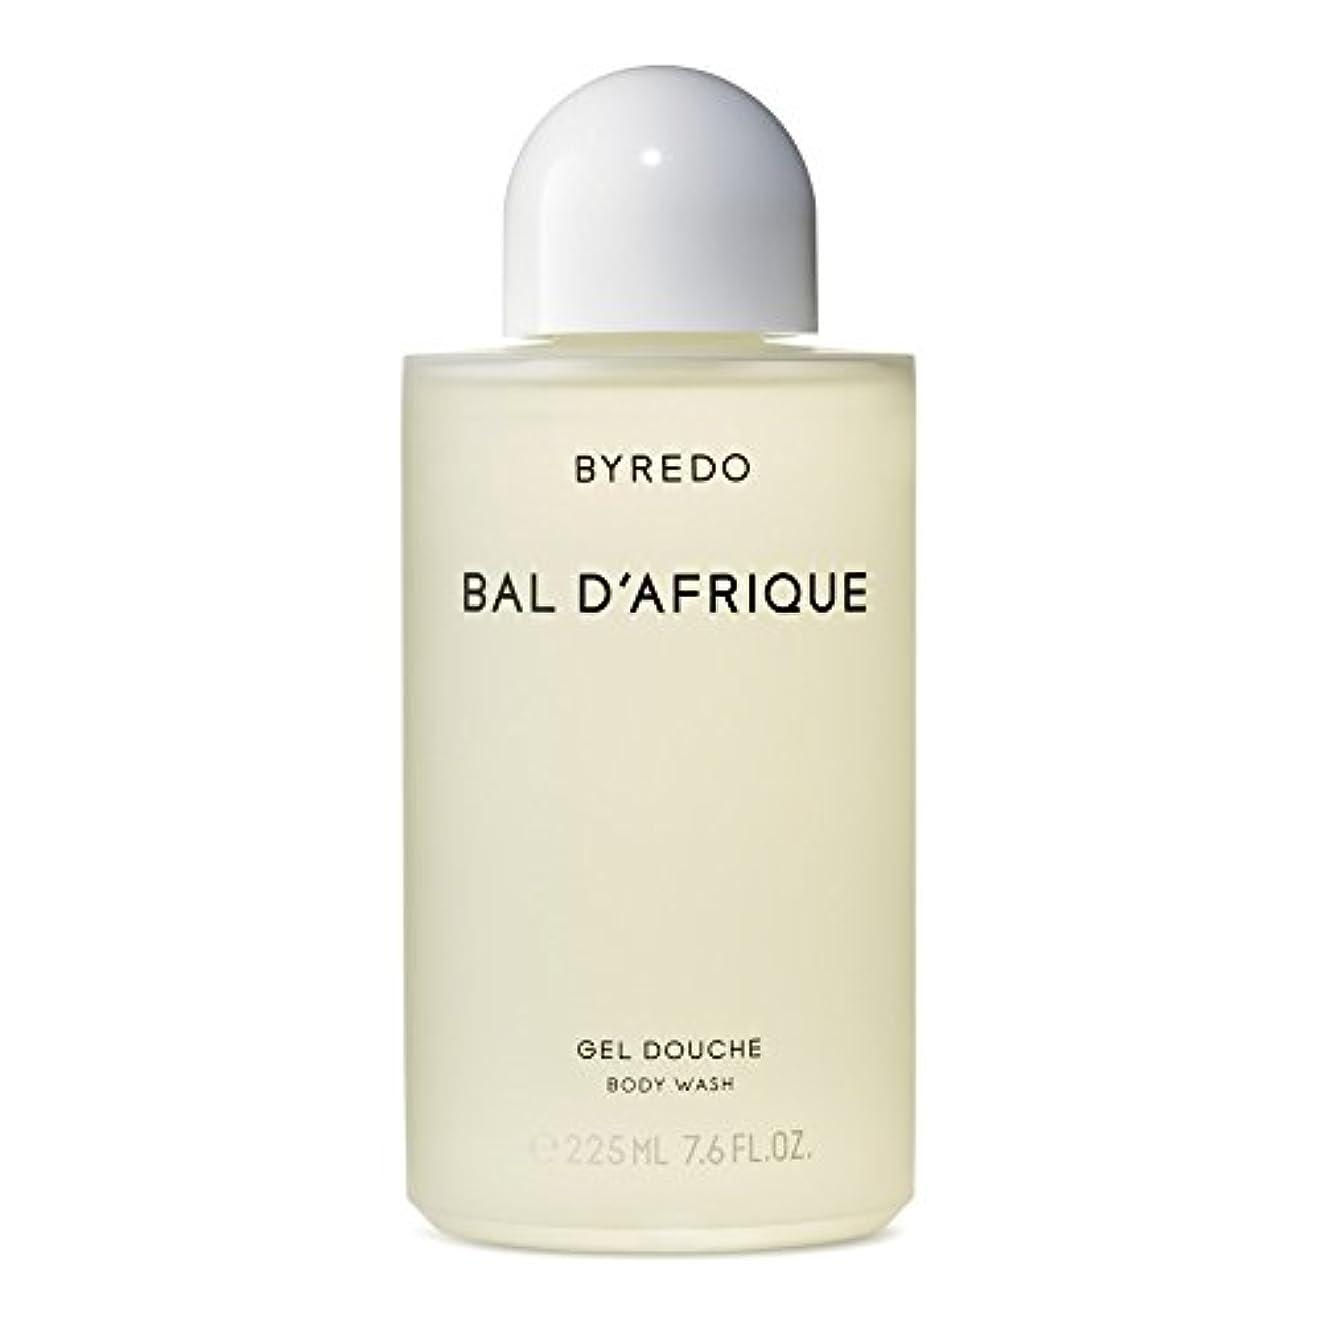 きょうだいラフ睡眠言語学Byredo Bal d'Afrique Body Wash 225ml - 'のボディウォッシュ225ミリリットル [並行輸入品]